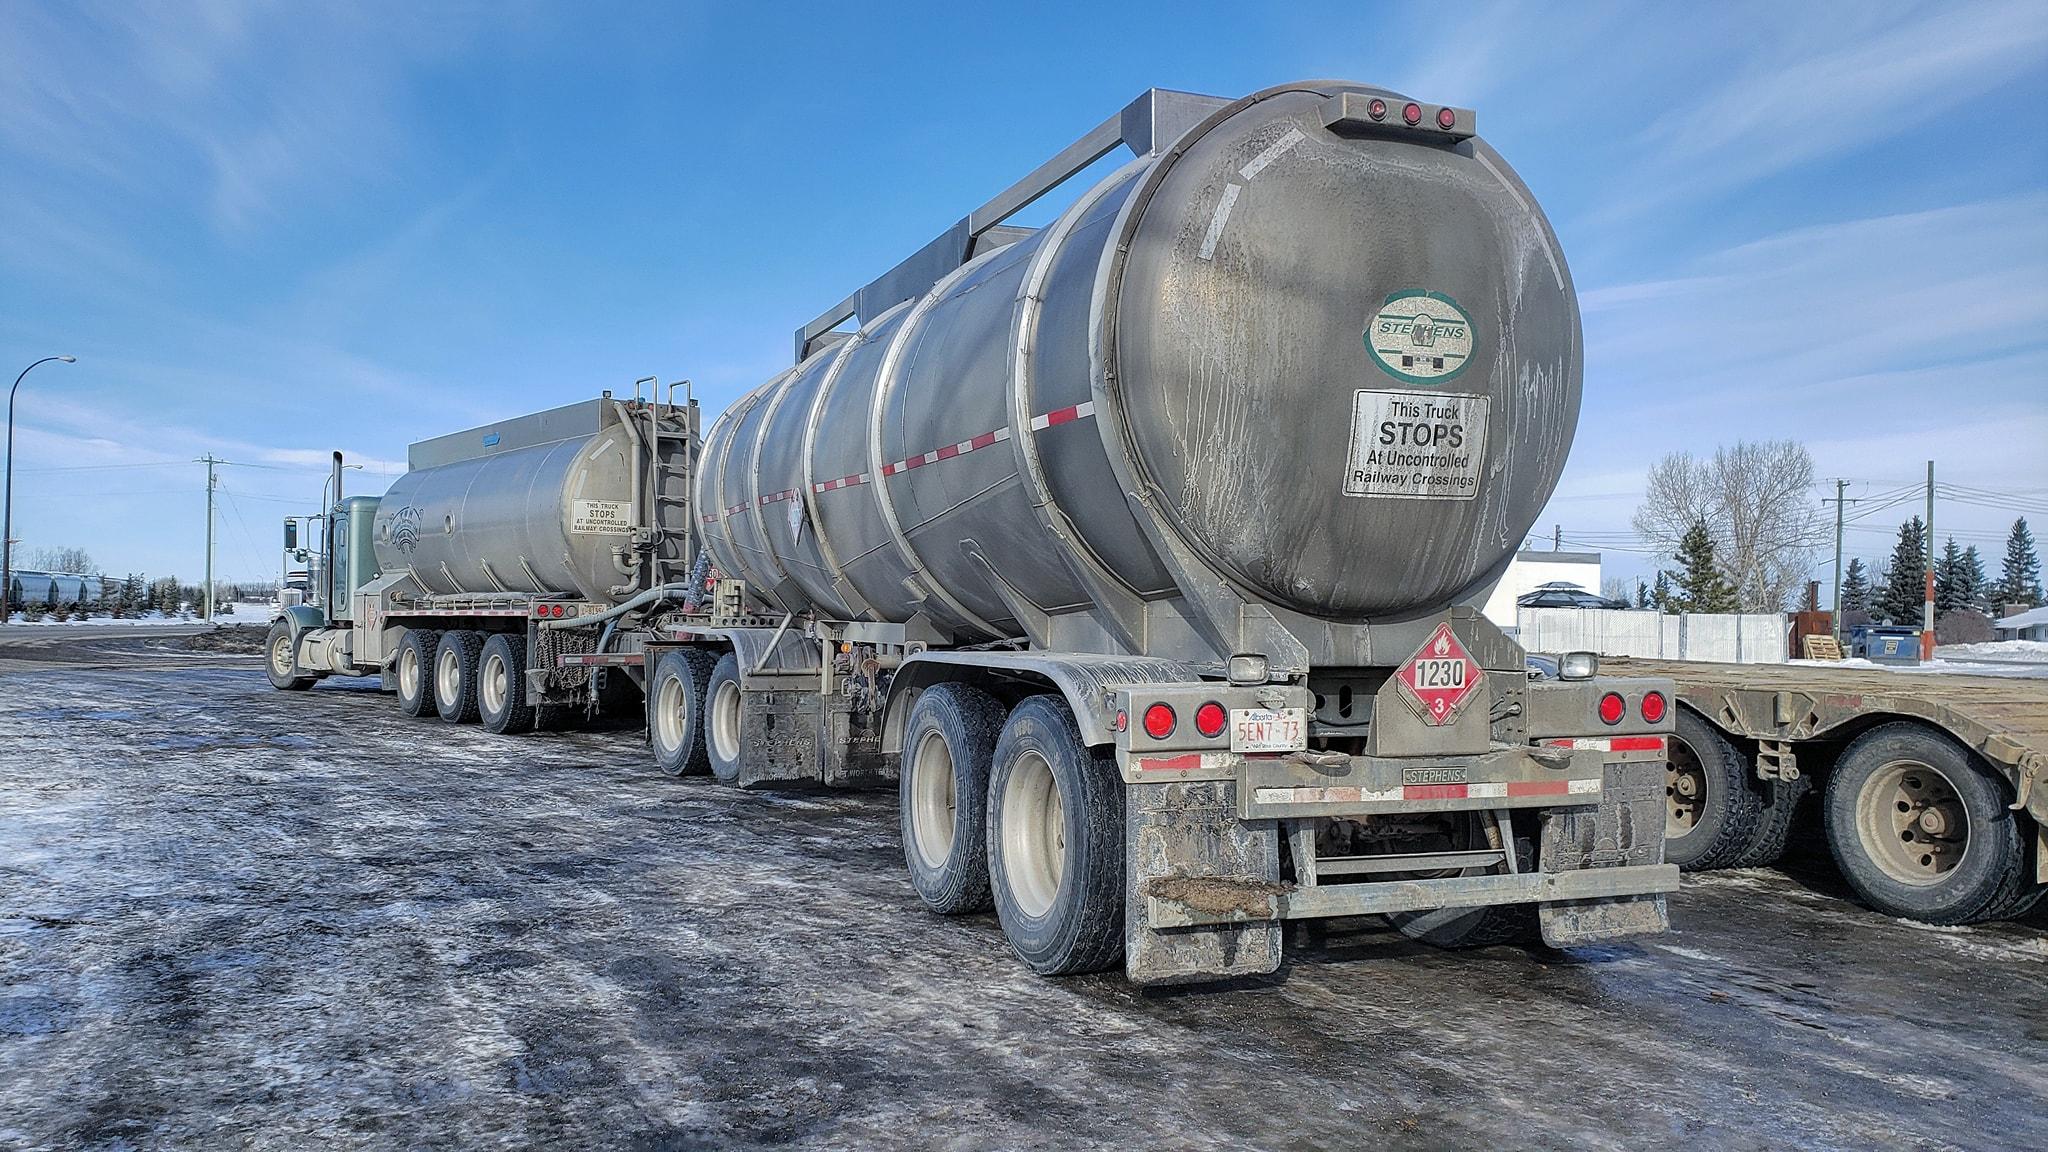 14-2-2020--nu-met-tankwagen-om-meer-thuis-te-zijn-Taber--(18)